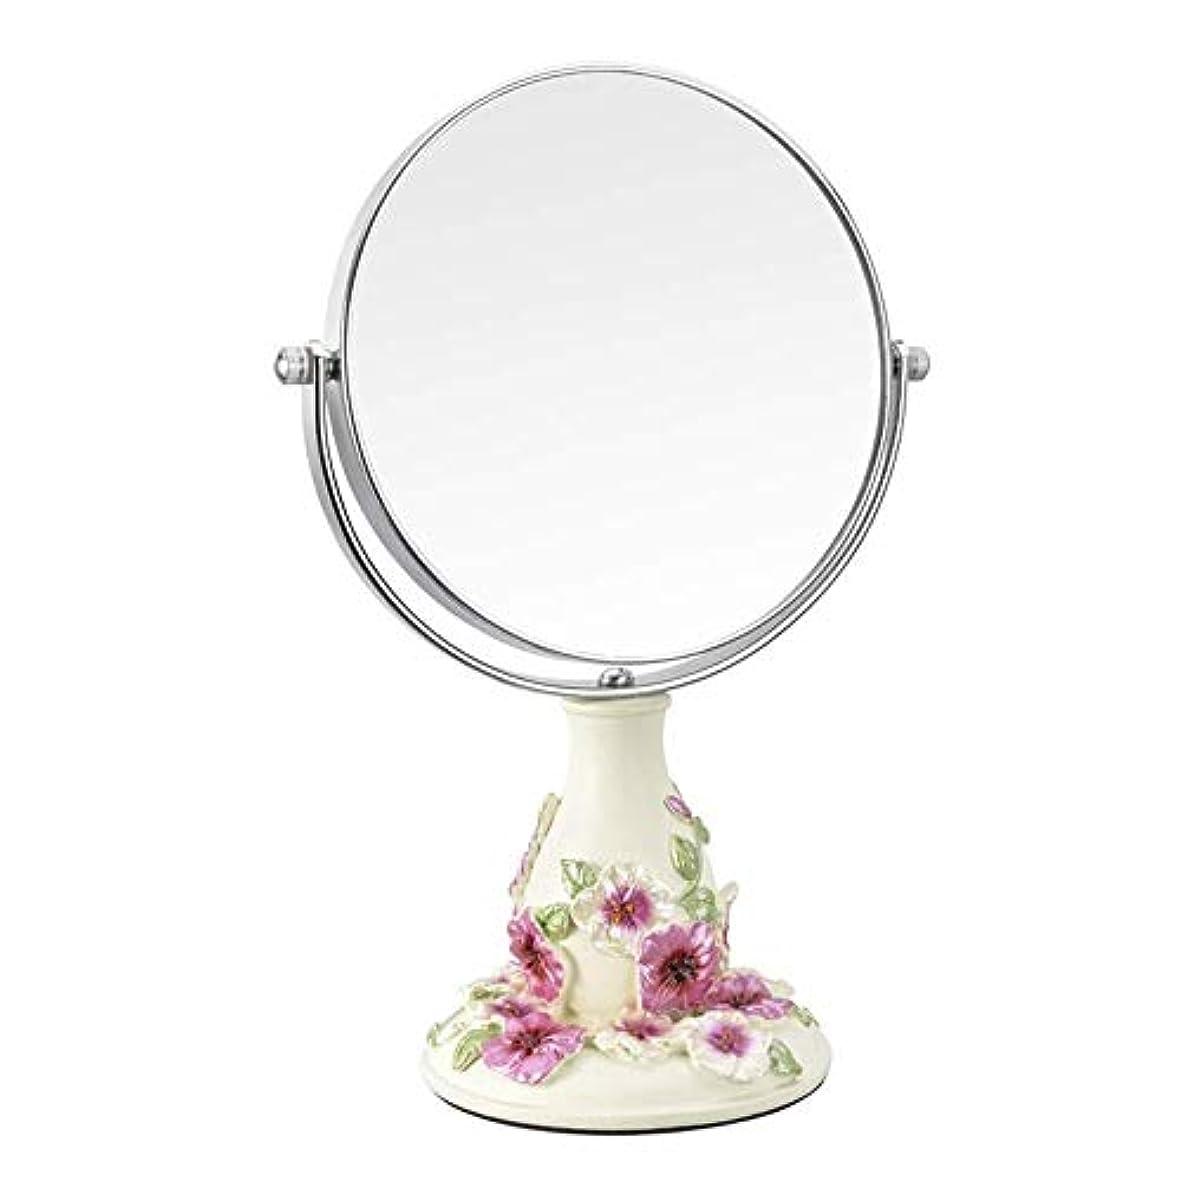 会話移動予備流行の ビンテージ化粧鏡、鏡360°回転スタンド、1倍と3倍の倍率、ラウンドダブル両面回転化粧鏡